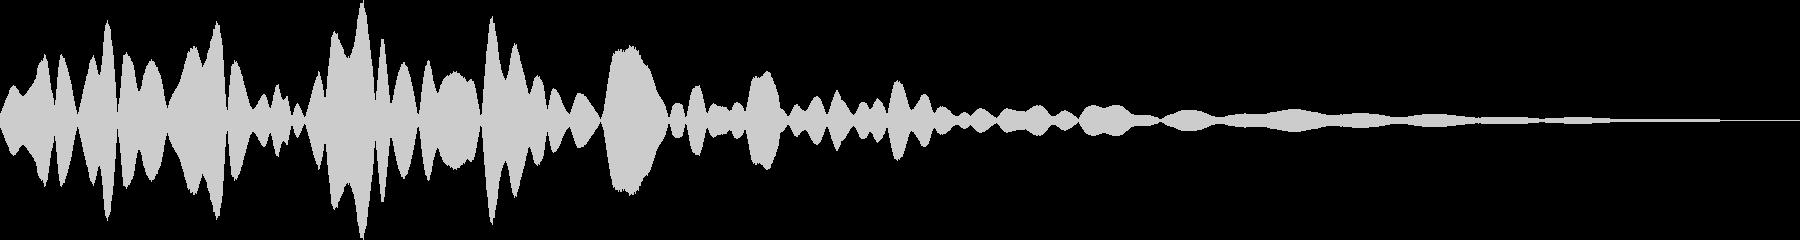 チリン(鈴 風鈴 タッチ音)の未再生の波形